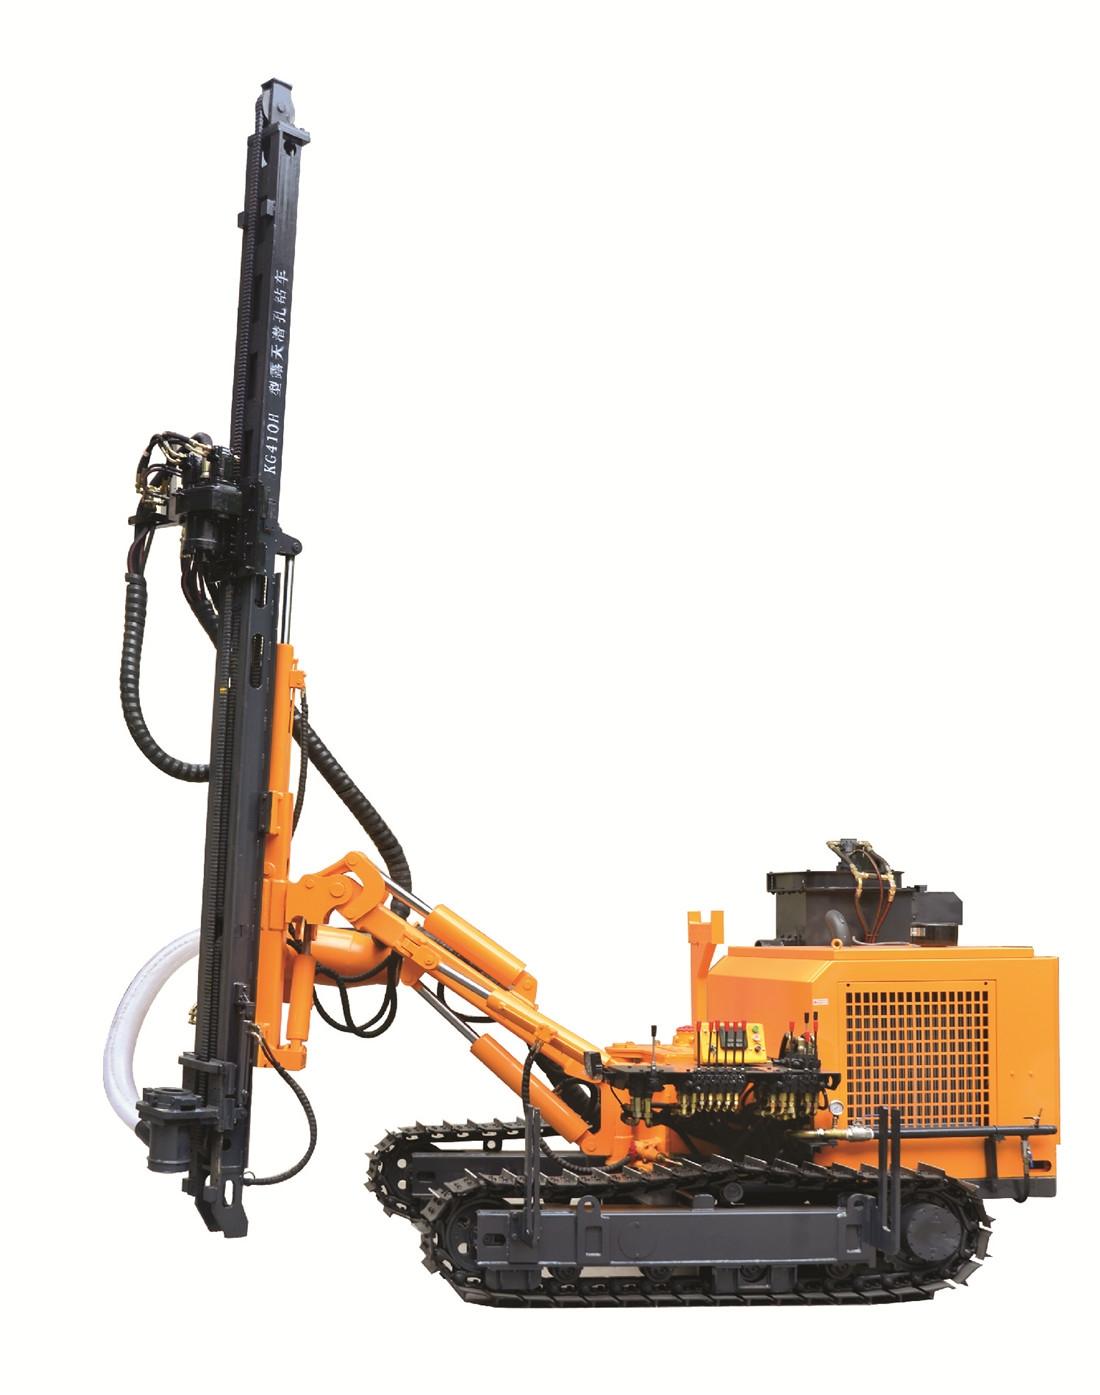 KG410/KG410H露天履带式潜孔钻车